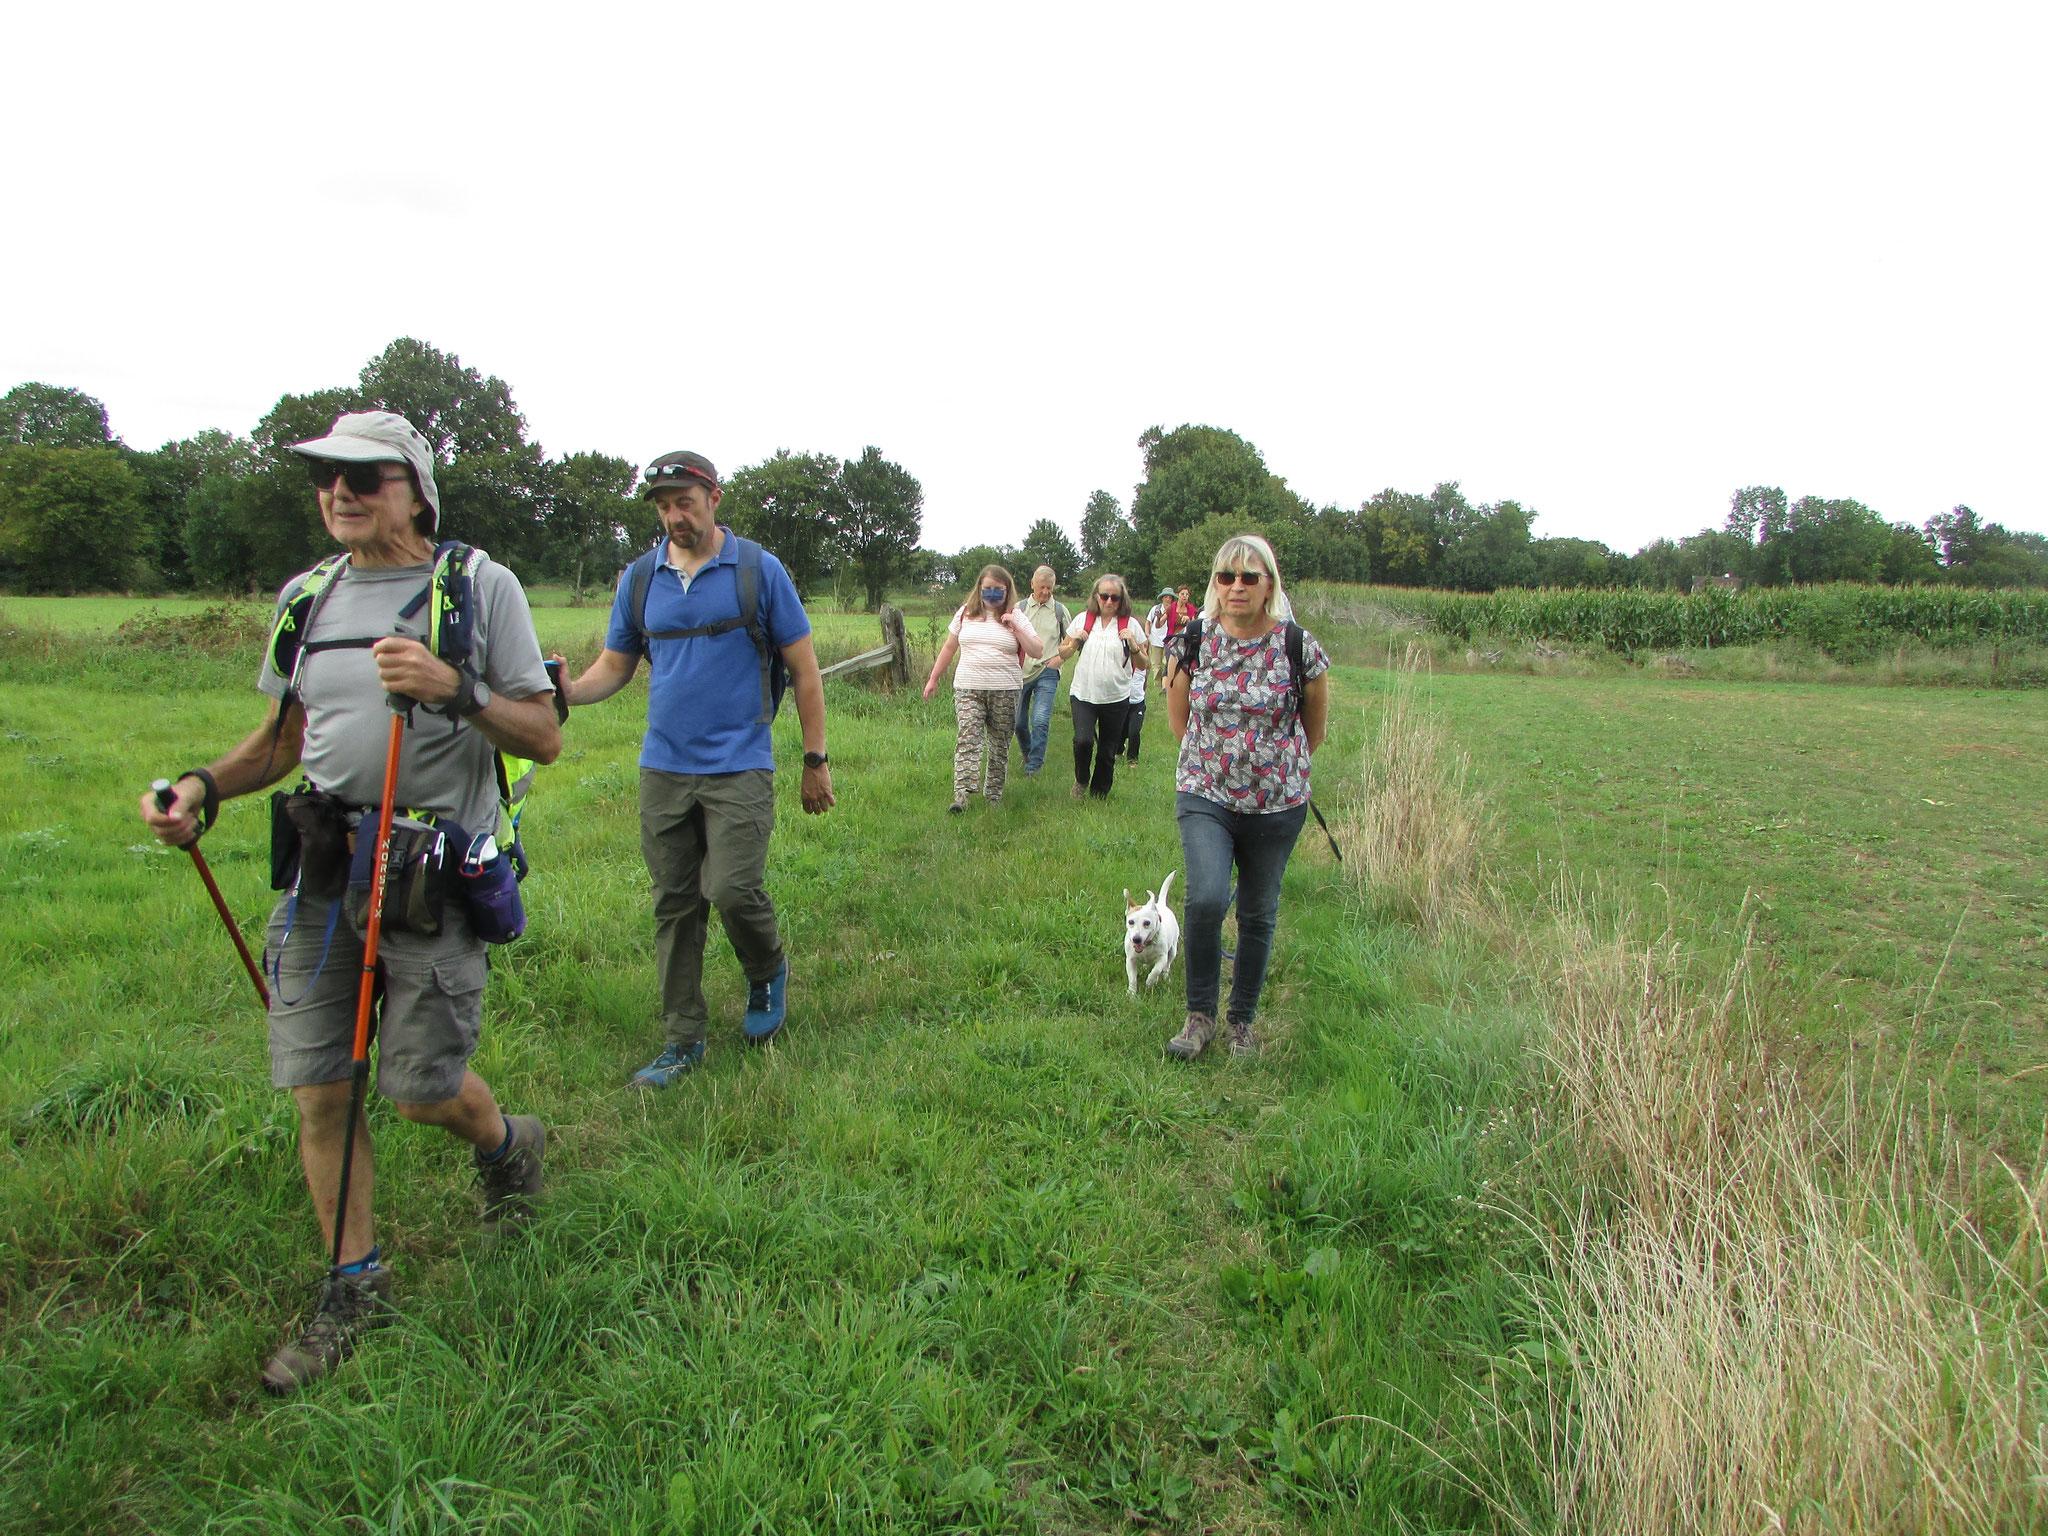 Randonnée nature autour de Villers/Auchy - Septembre 2021